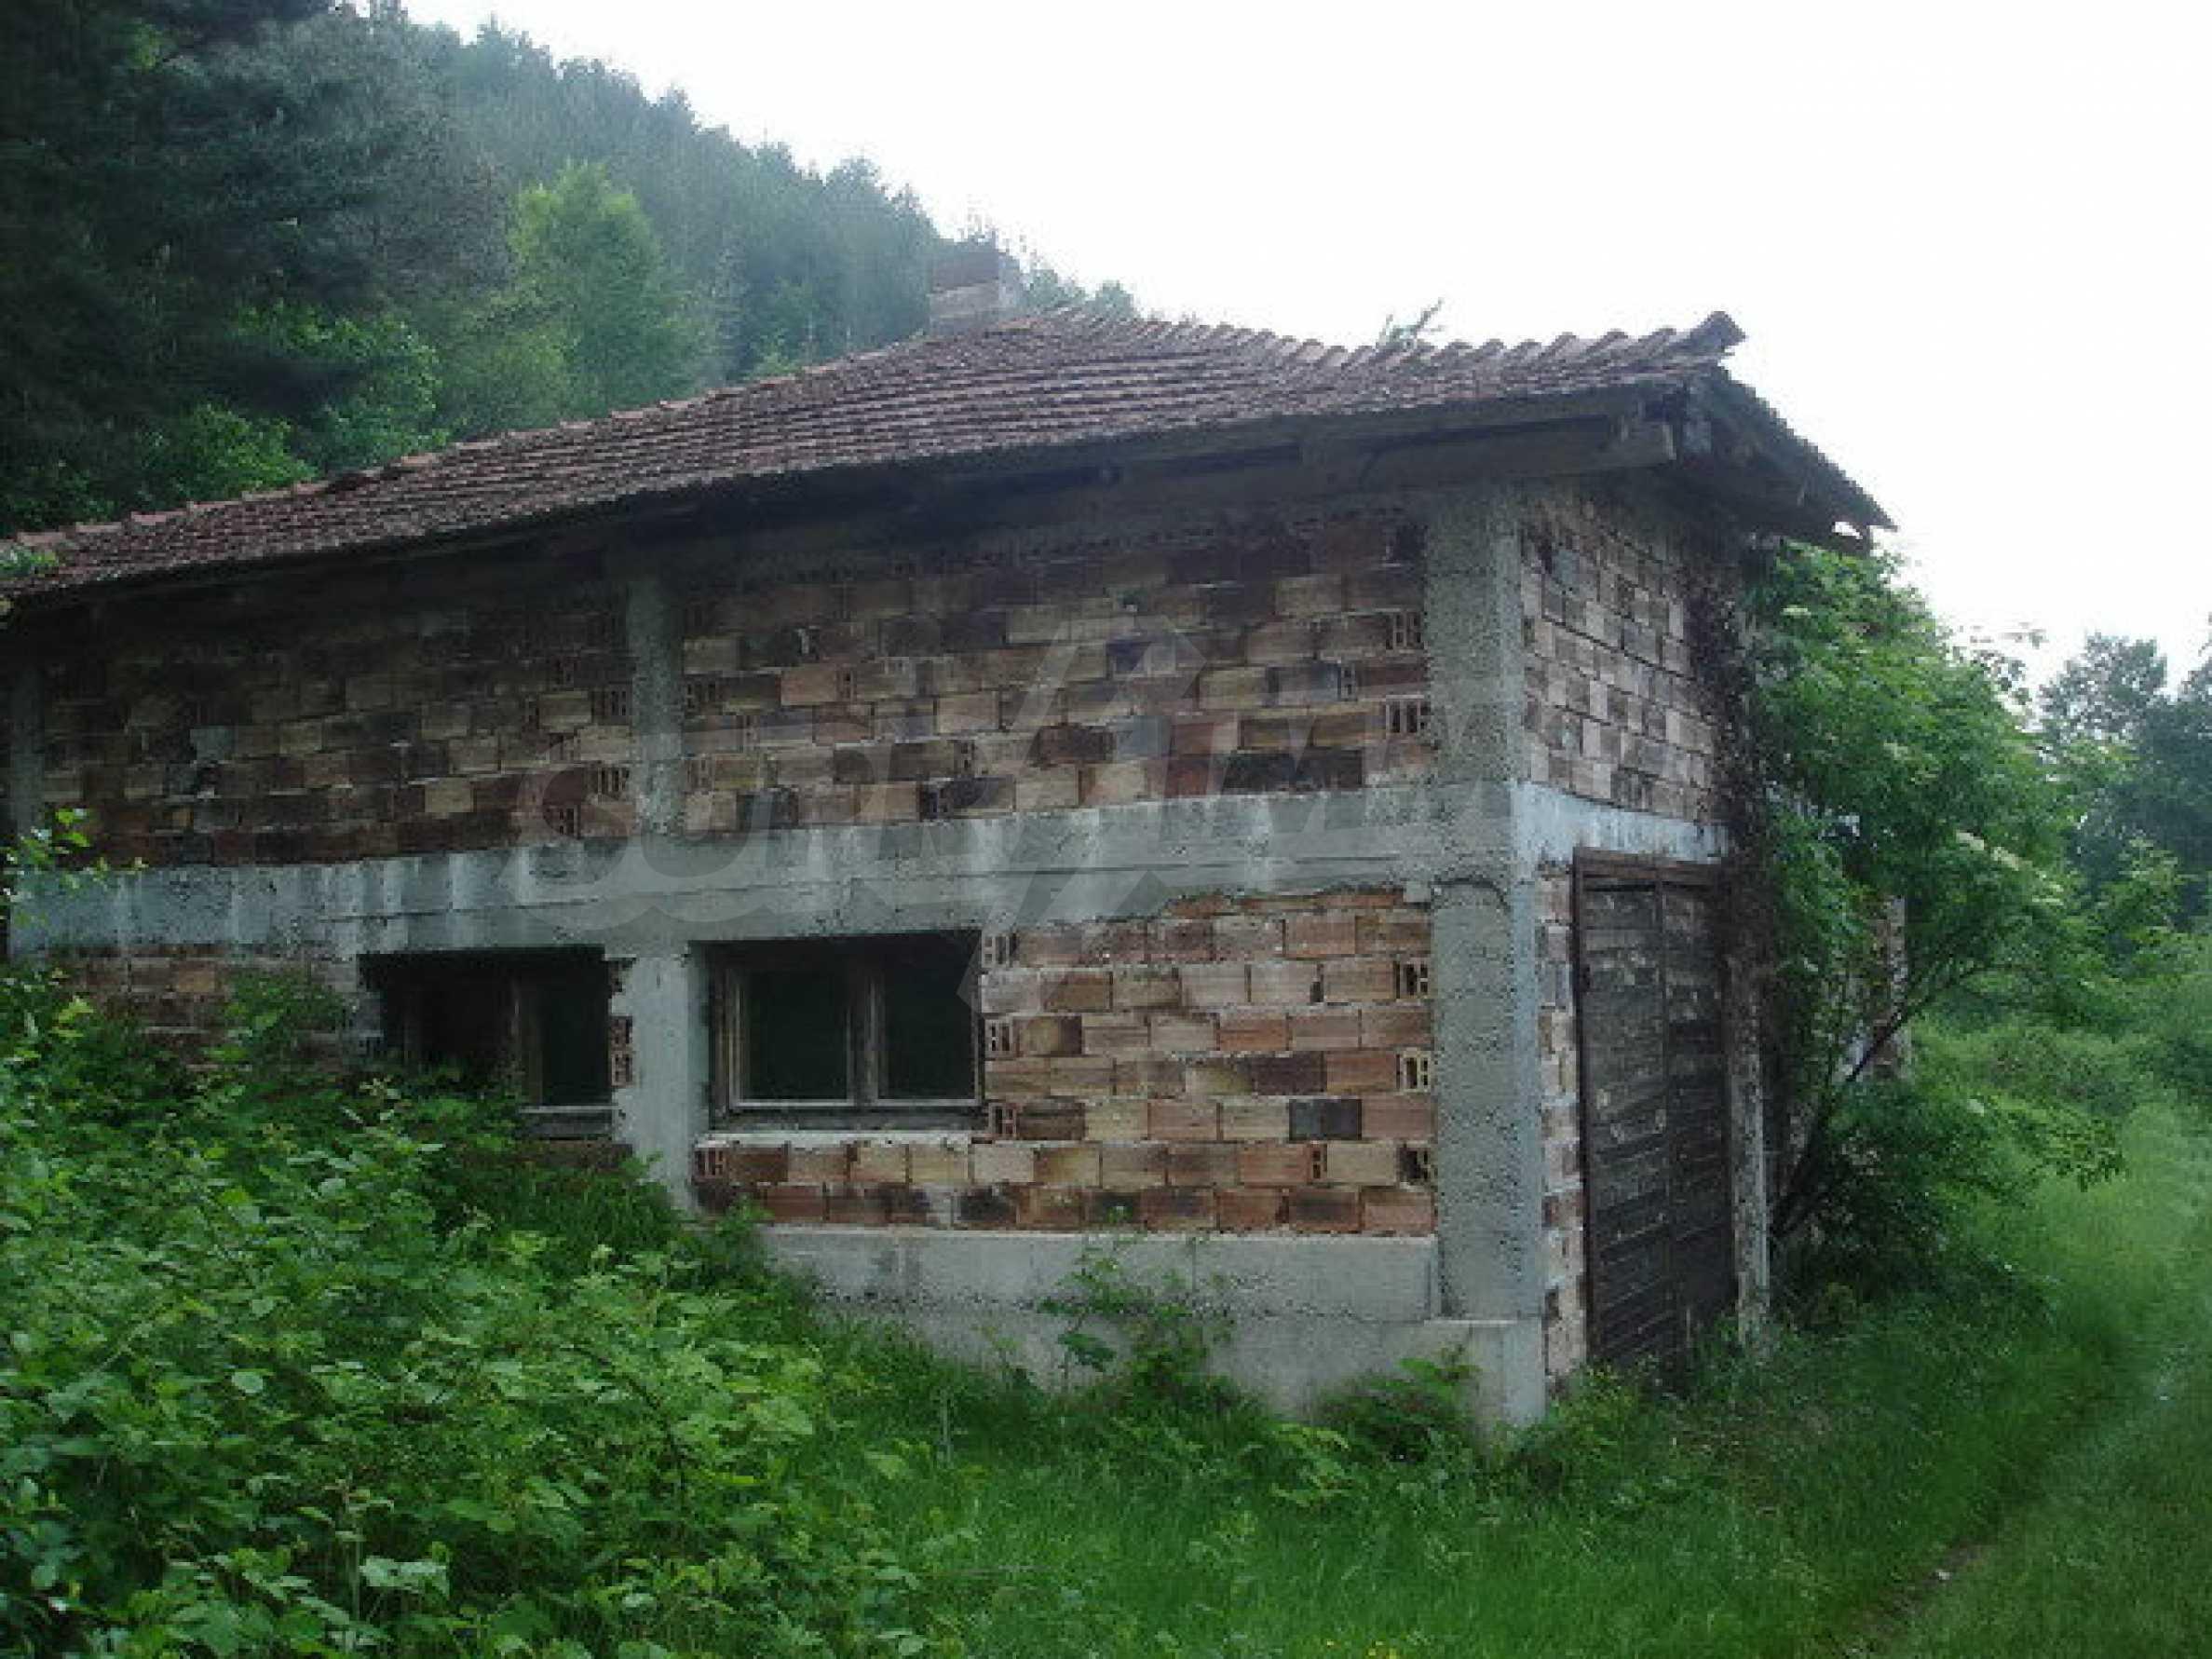 Ein zweistöckiges Haus in Rohbauweise in Ariltsi